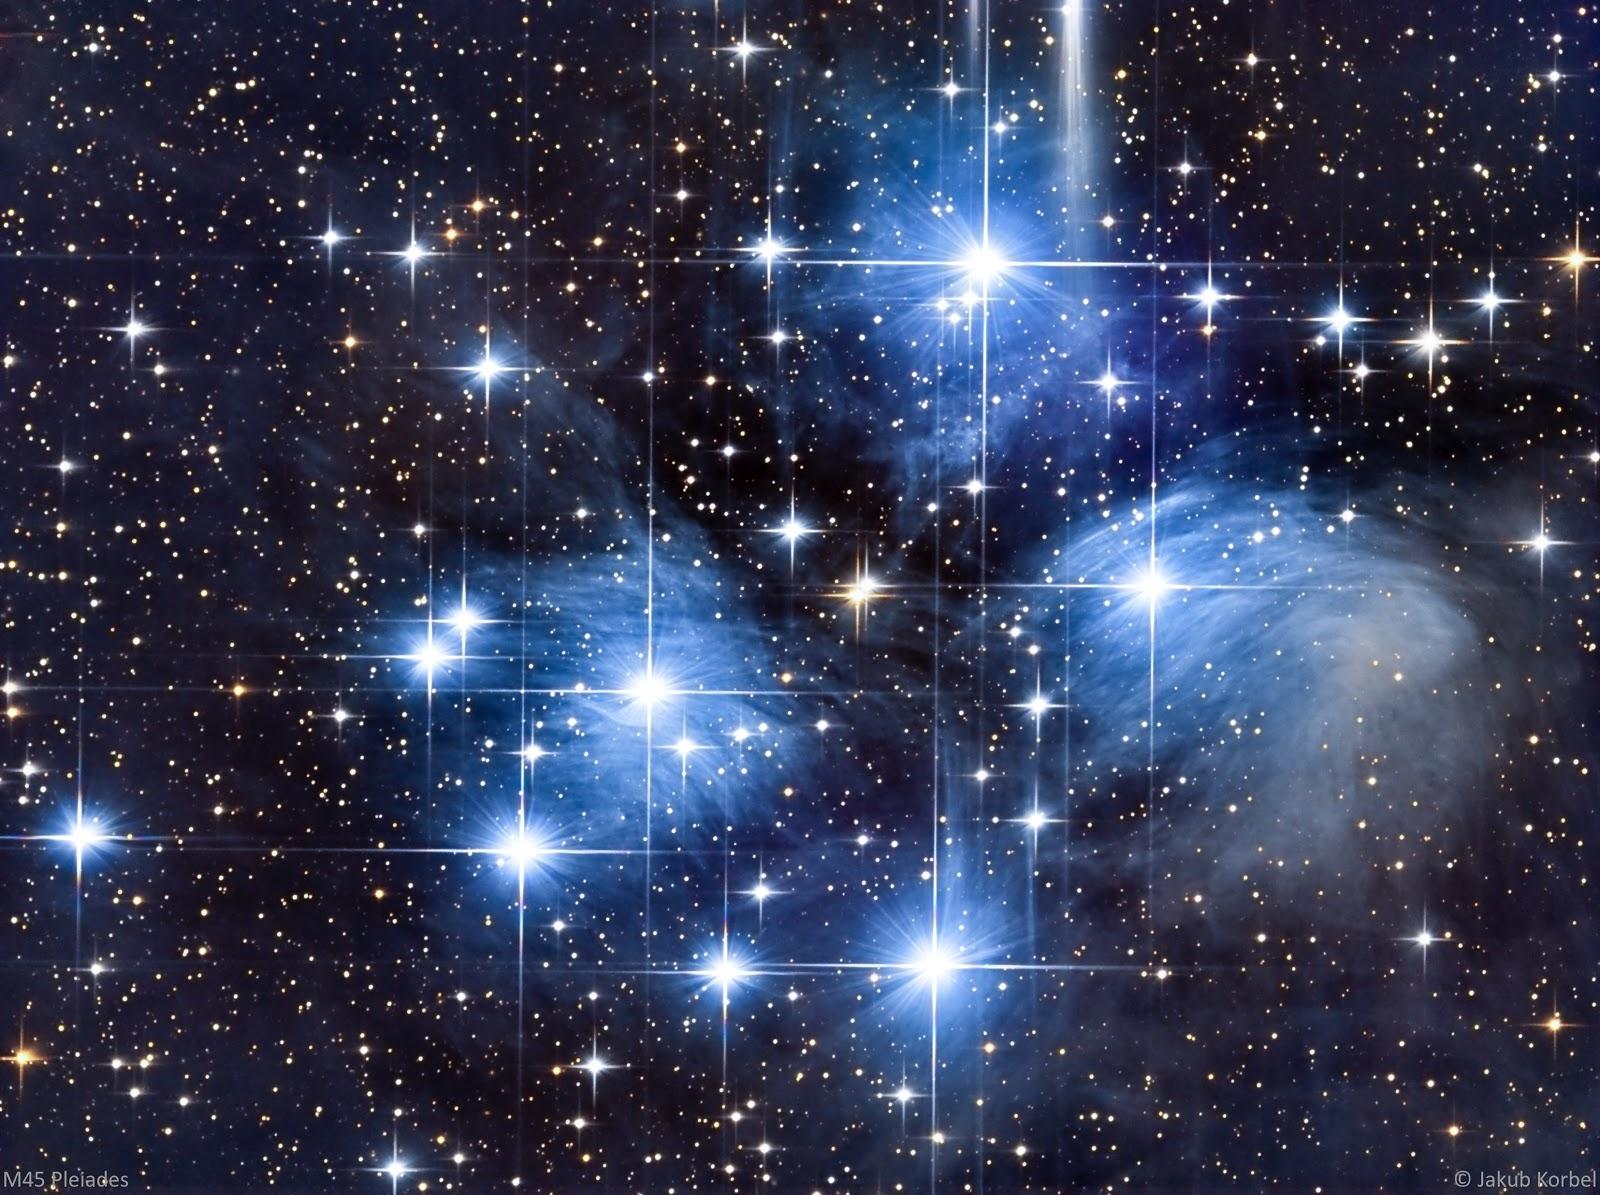 представлены все созвездие плеяд на фото центре образовавшегося